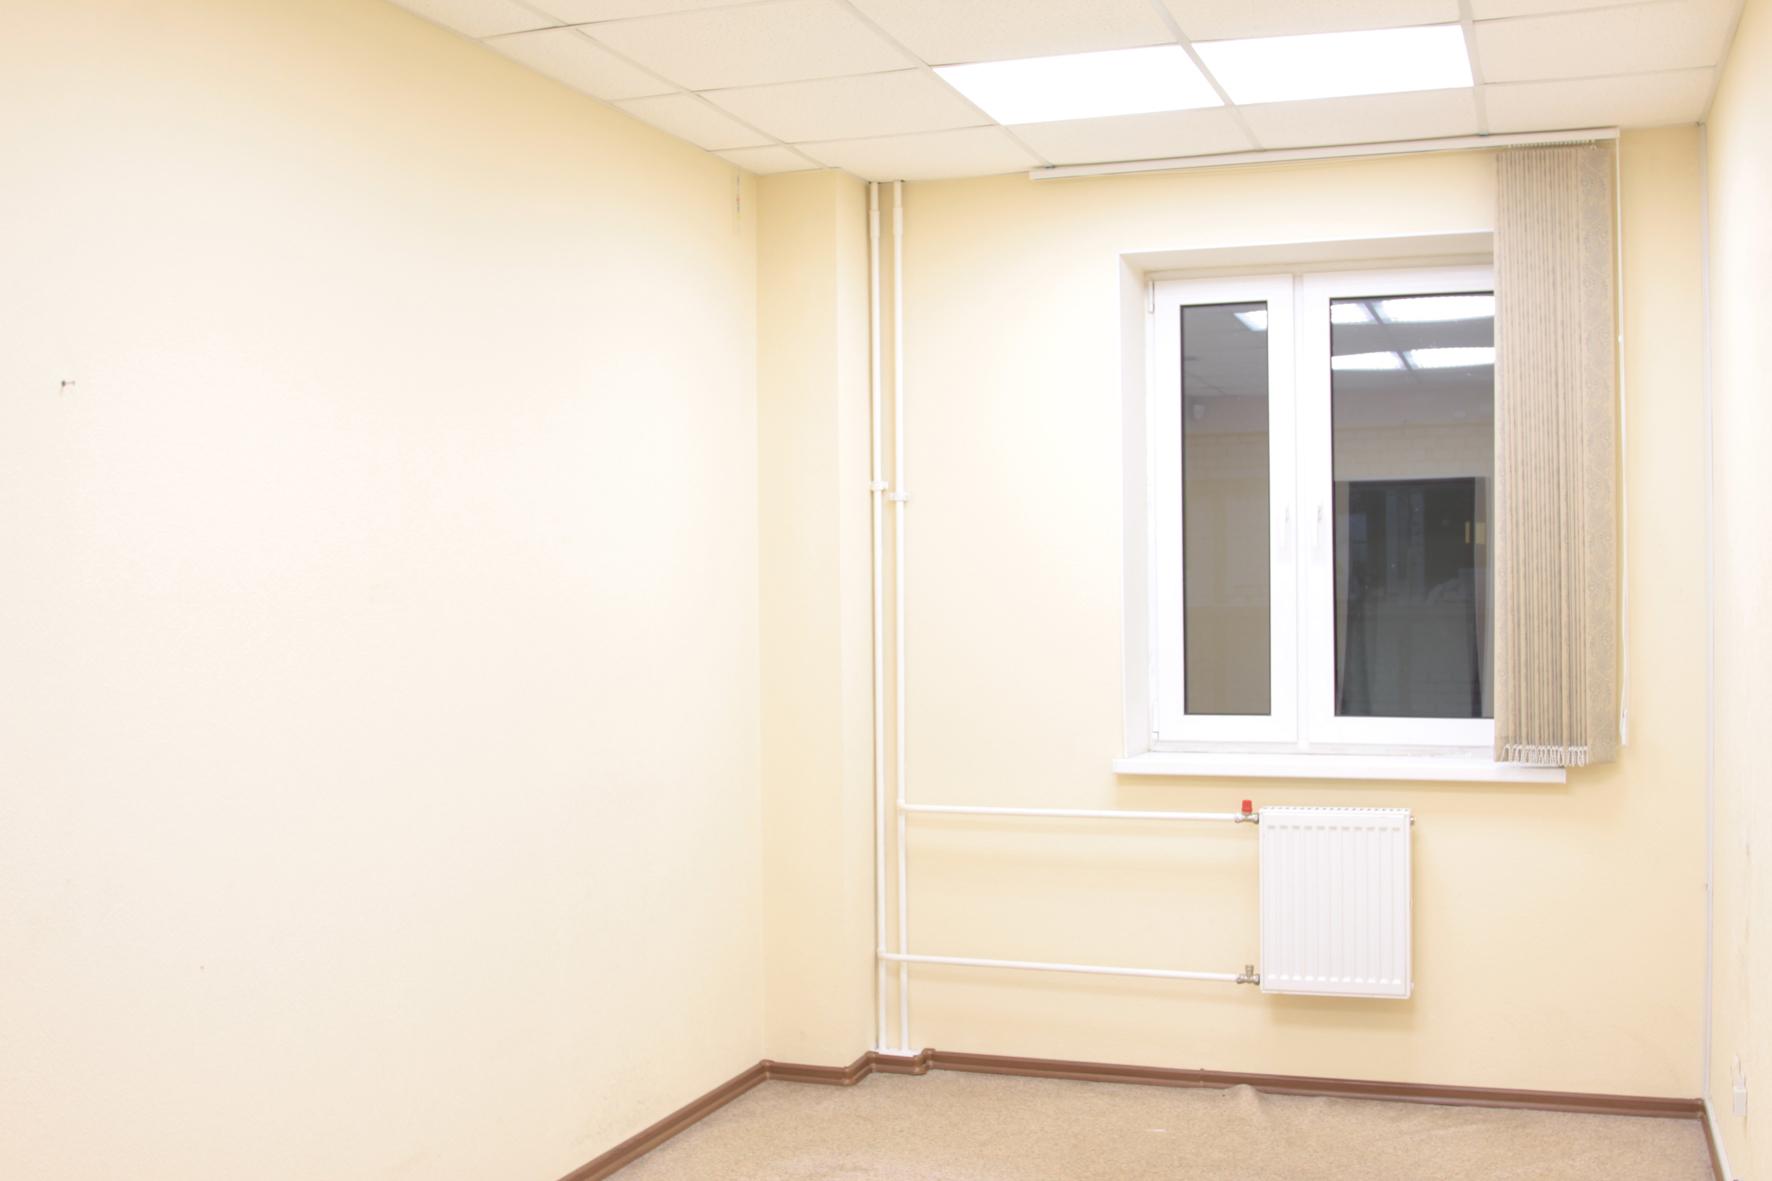 Аренда офиса г.подольск дают ли ипотеку на коммерческую недвижимость в